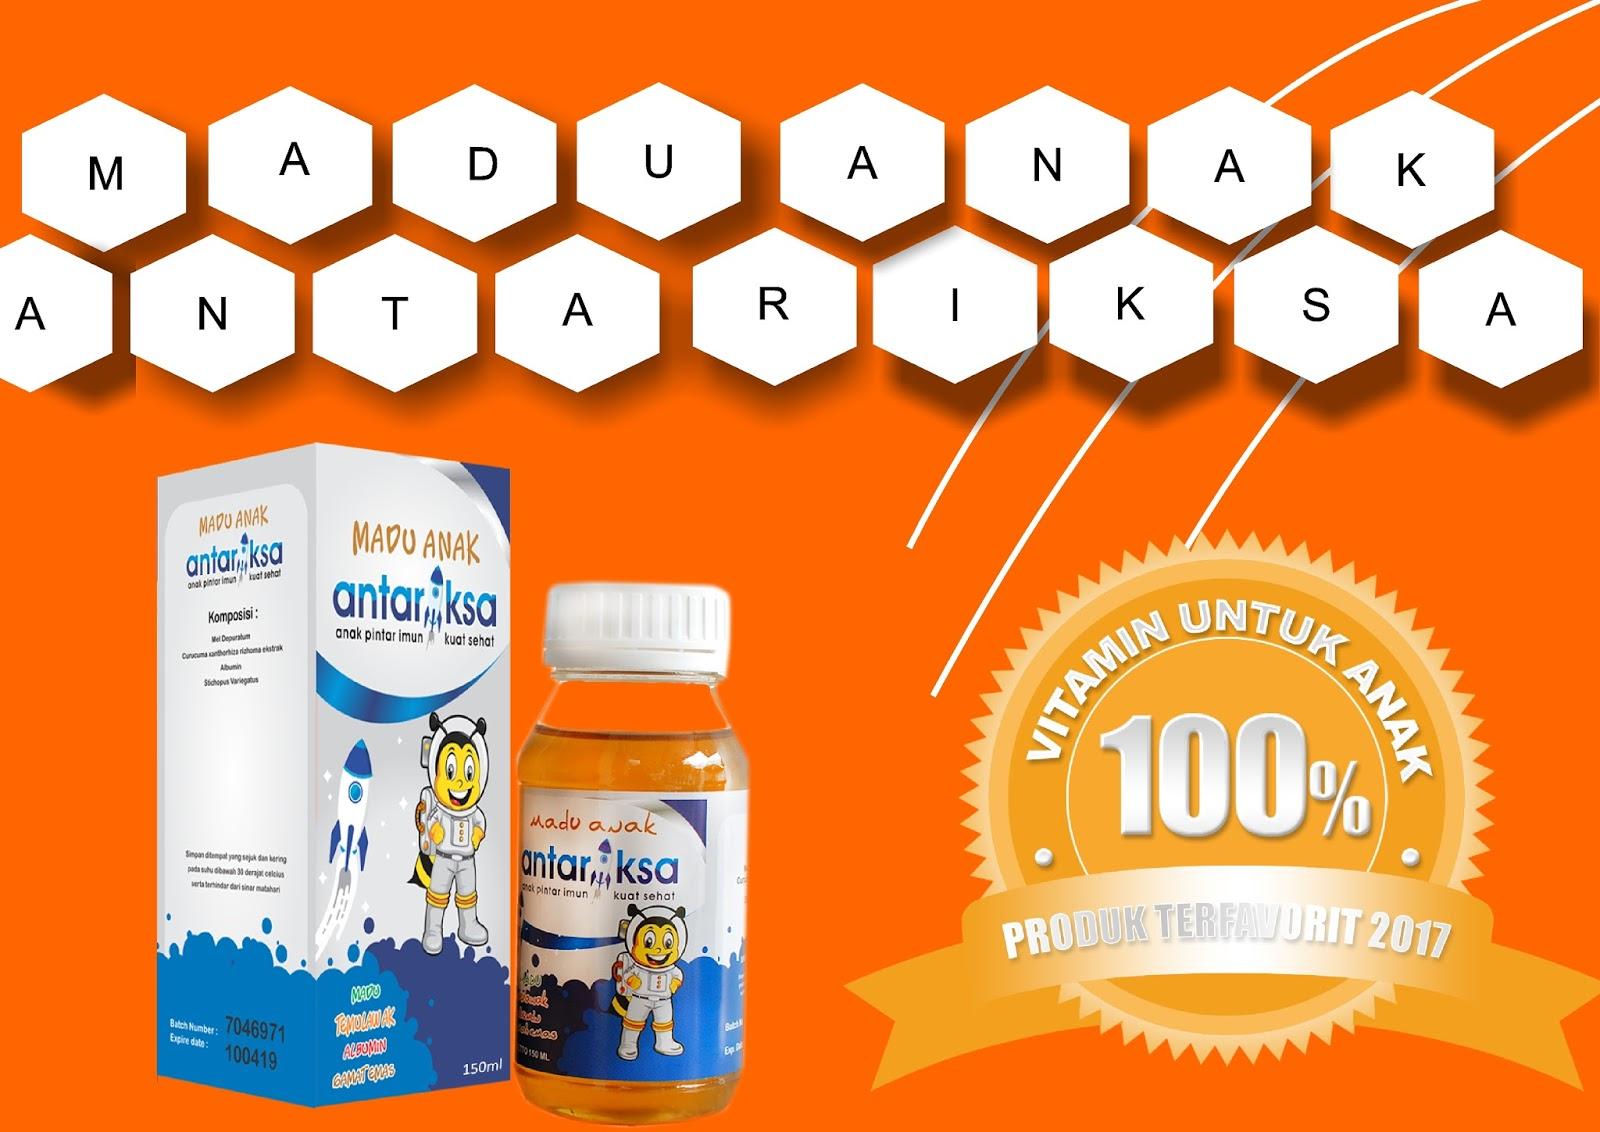 Vitamin Anak Madu Antariksa Latar Belakang Oranye